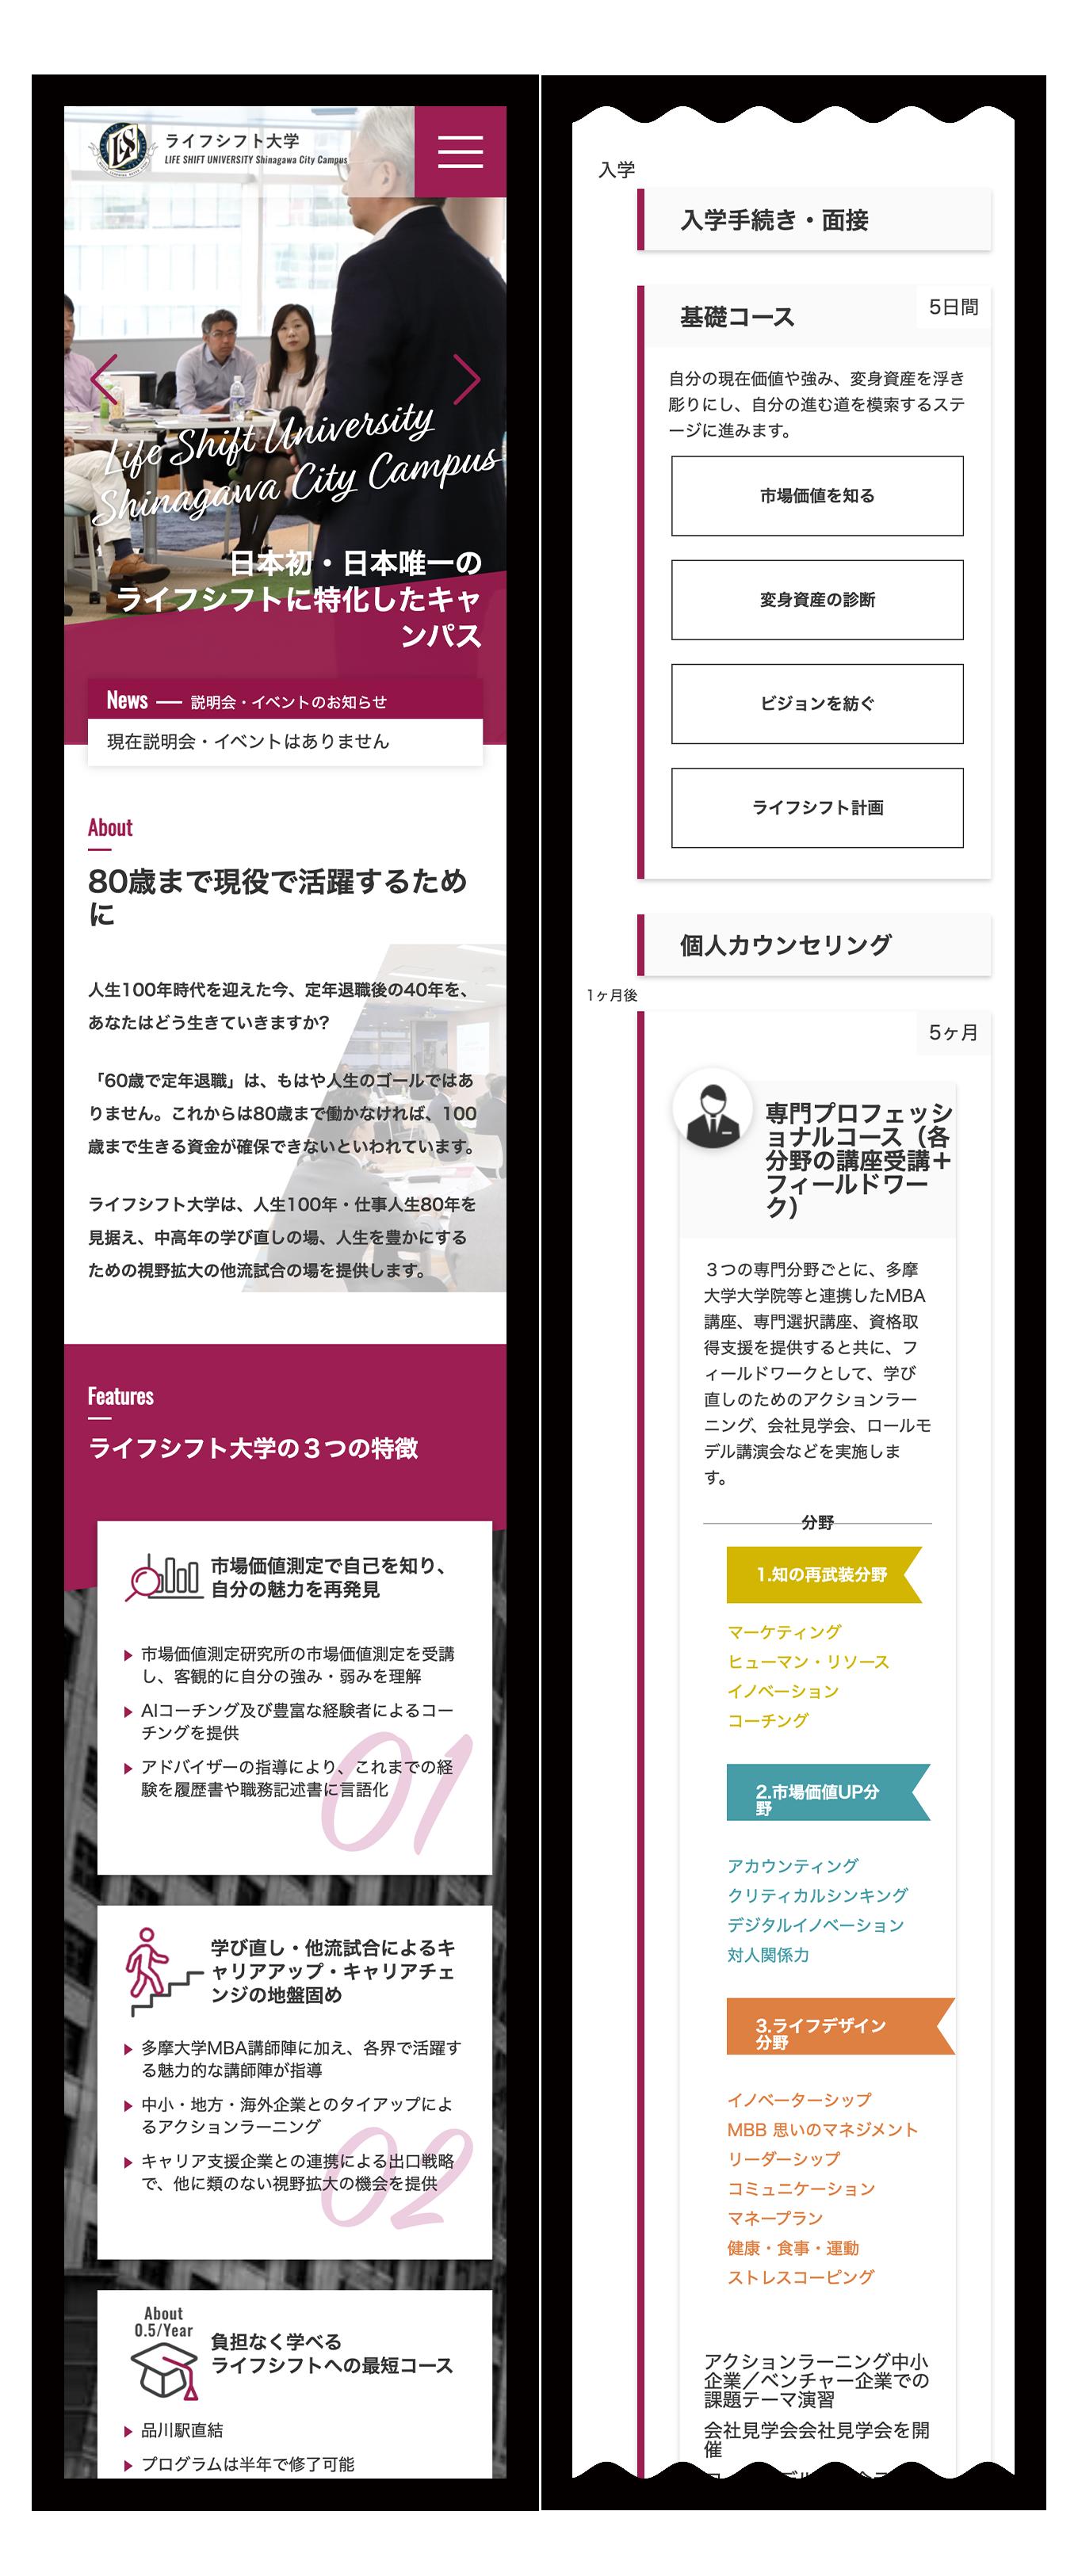 株式会社ライフシフト ライフシフト大学紹介サイト